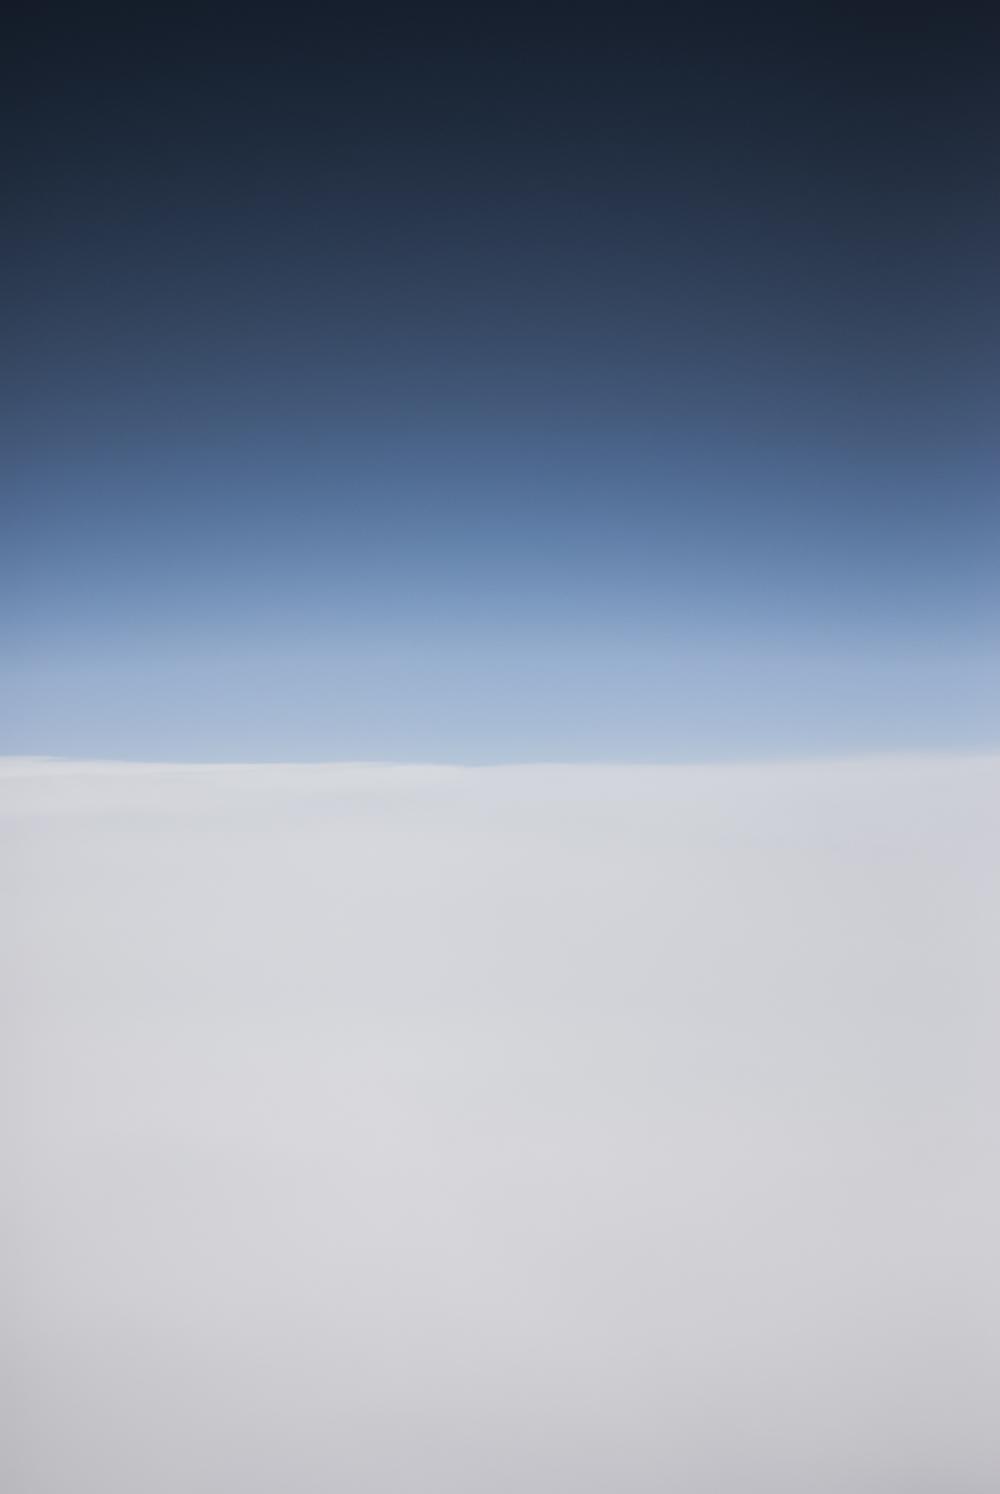 sky50%.jpg